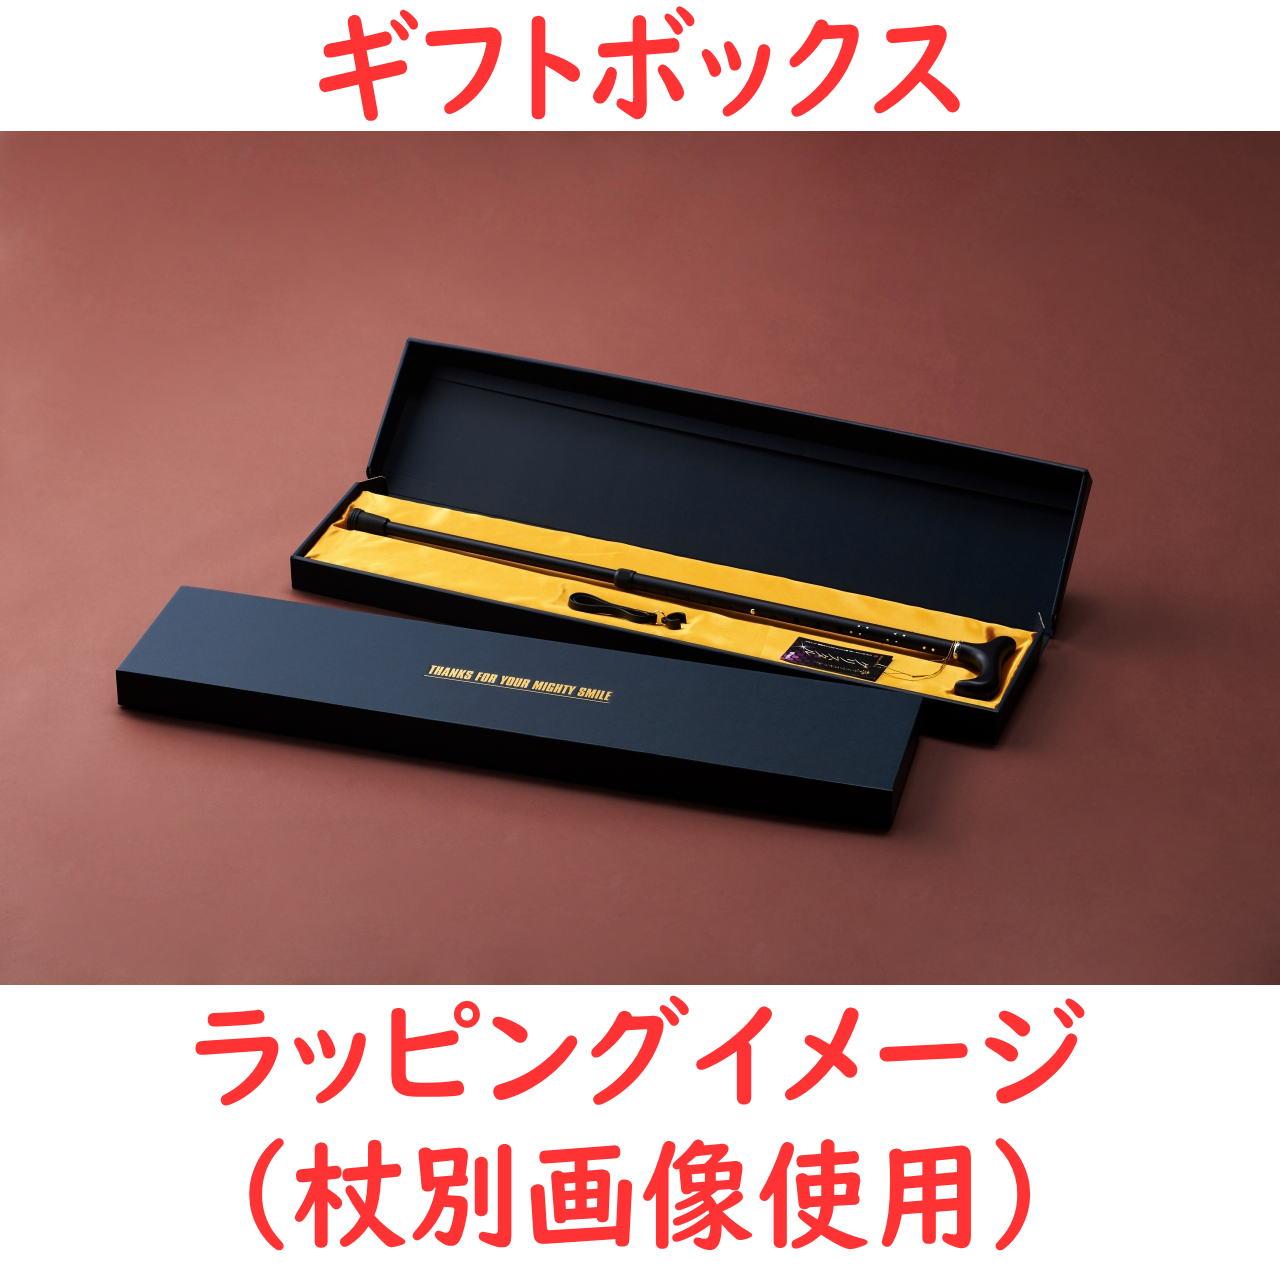 ☆ギフトボックス可☆ 夢ライフステッキ 伸縮型(ベーシックタイプ) ブラック